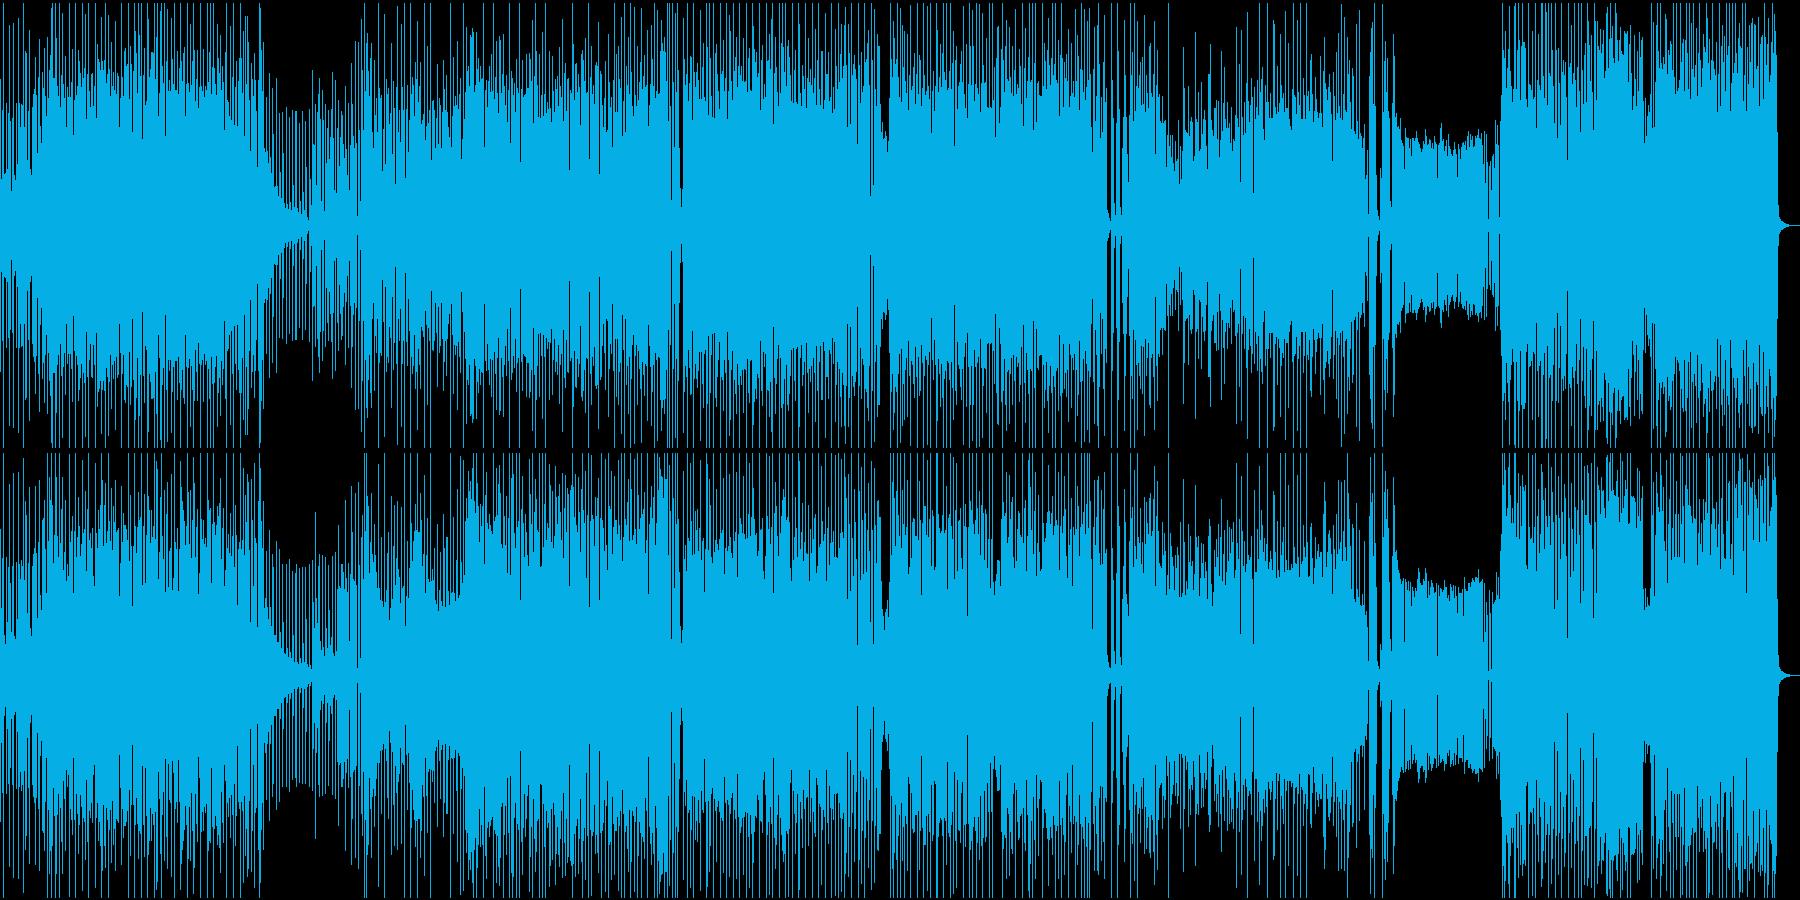 ハイテンポハイテンションな雰囲気のロックの再生済みの波形